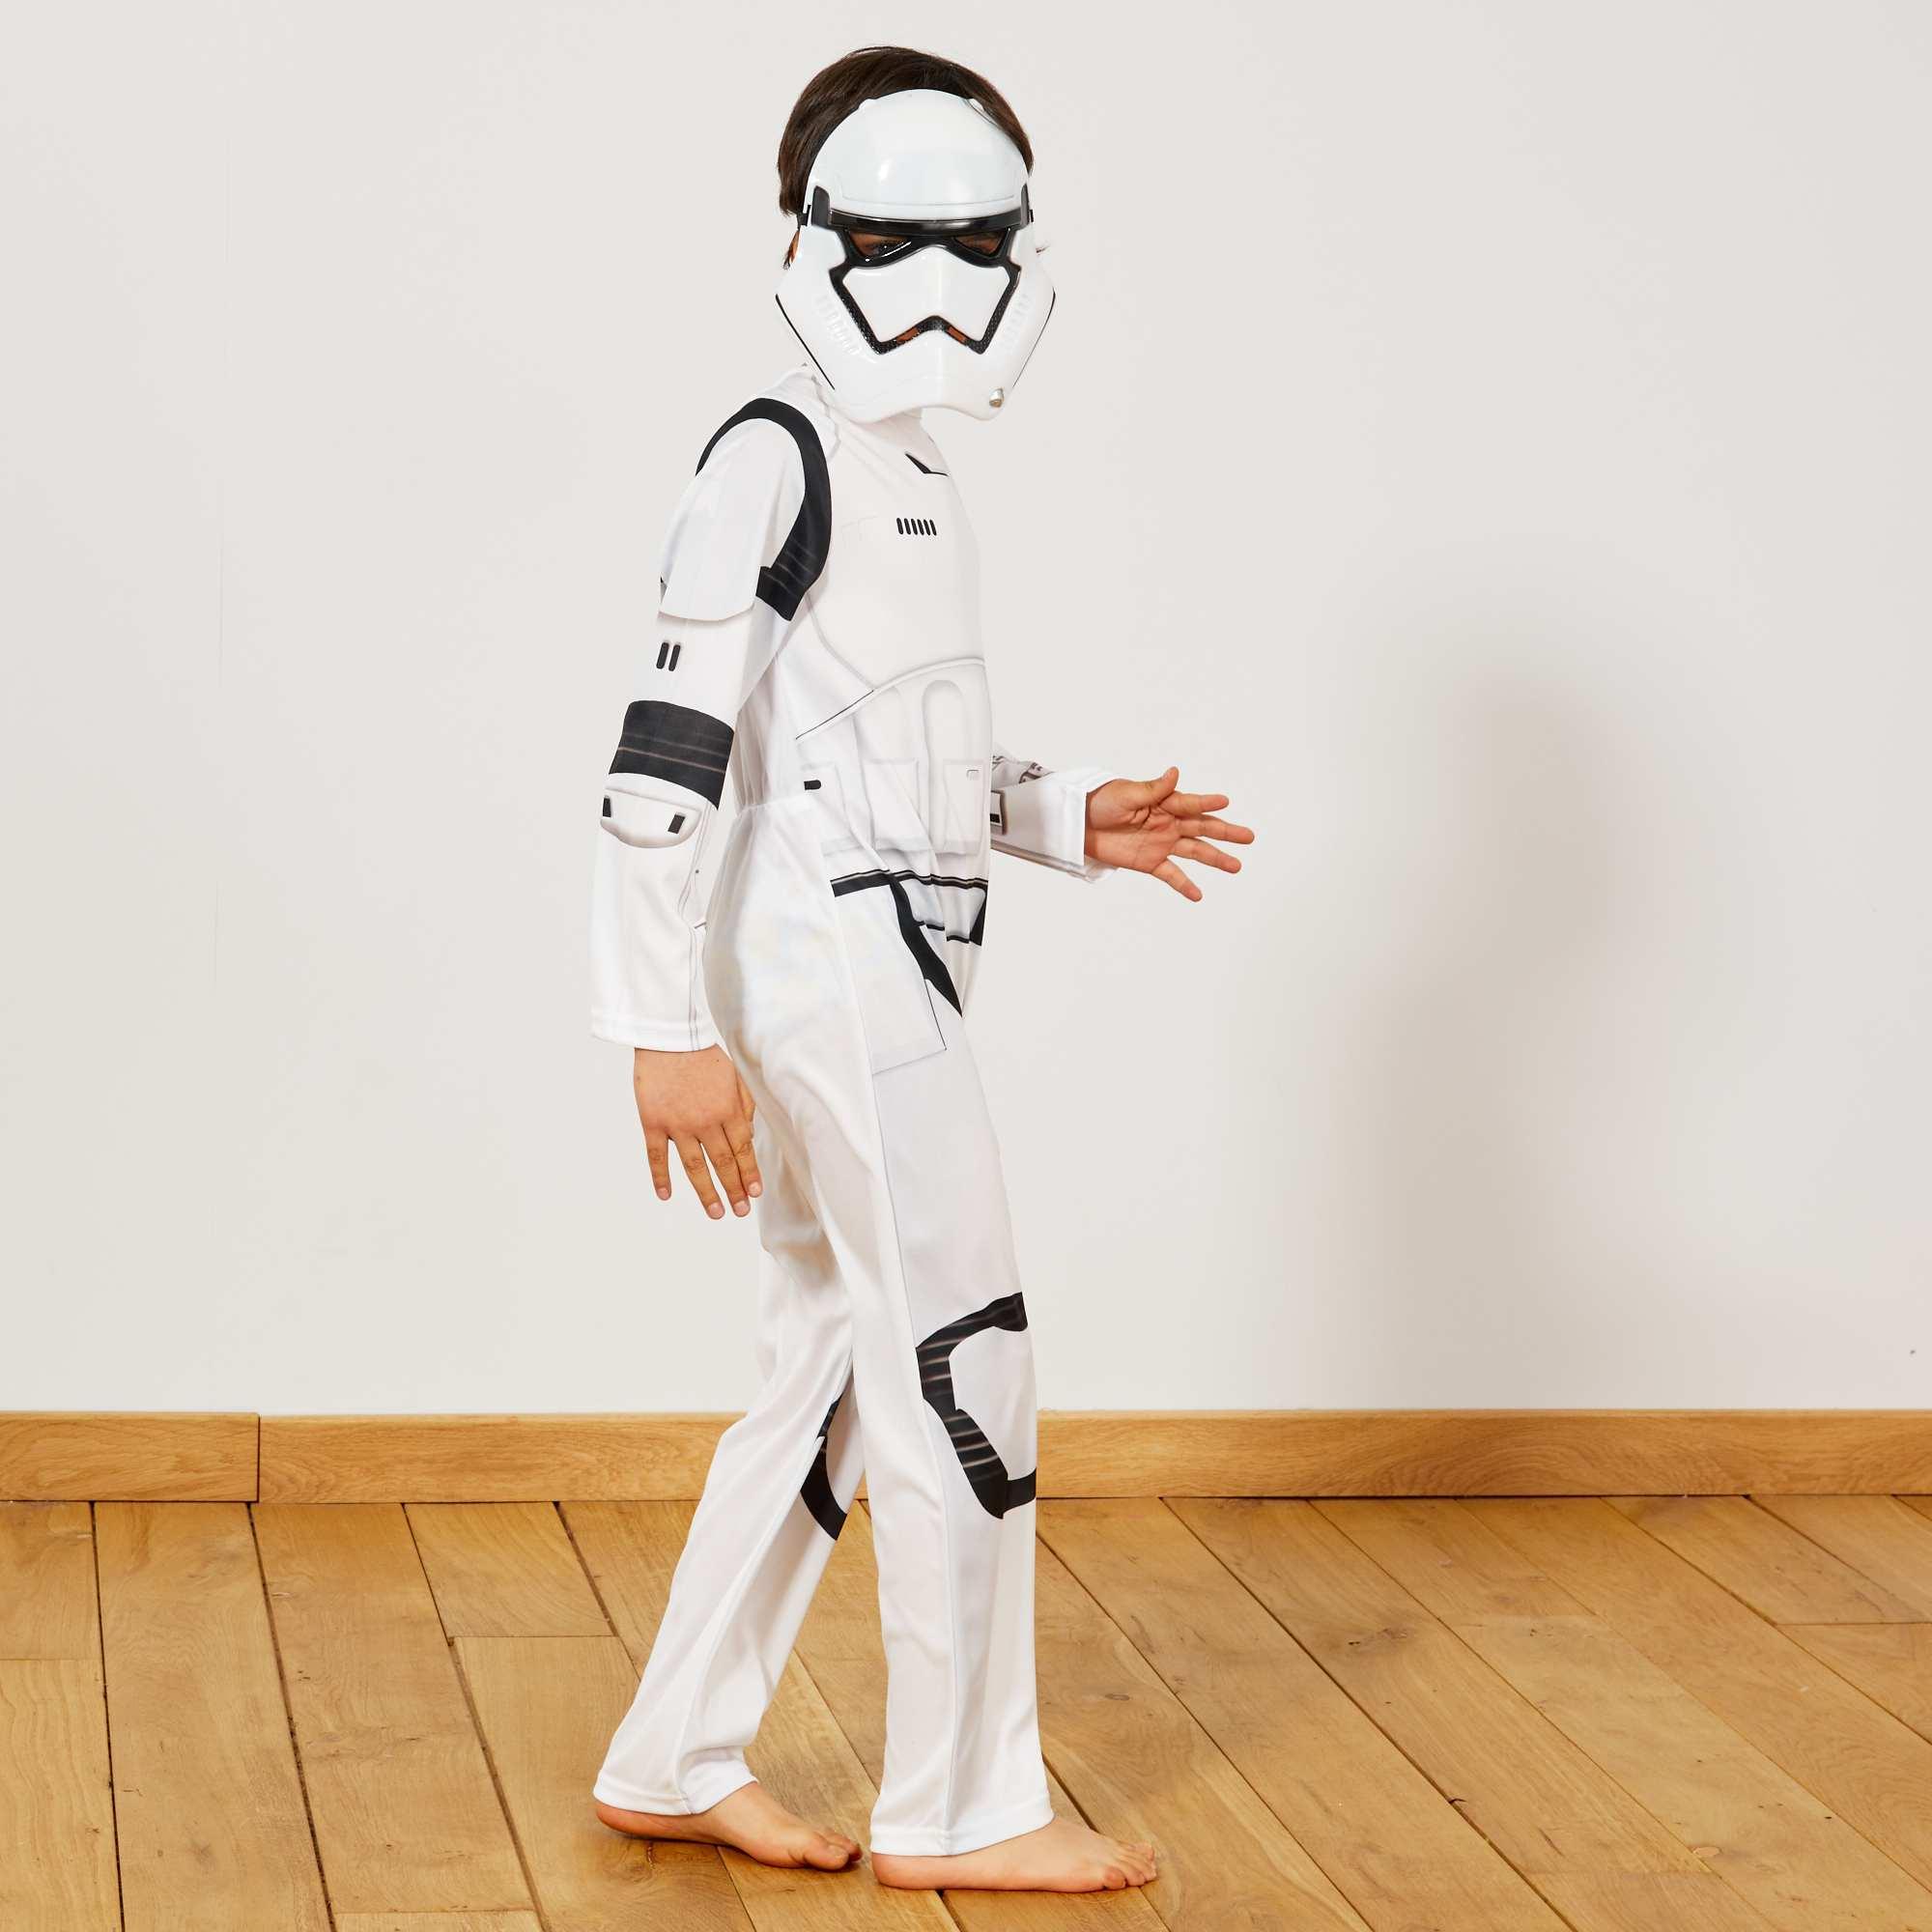 Costume 'Stormtrooper'